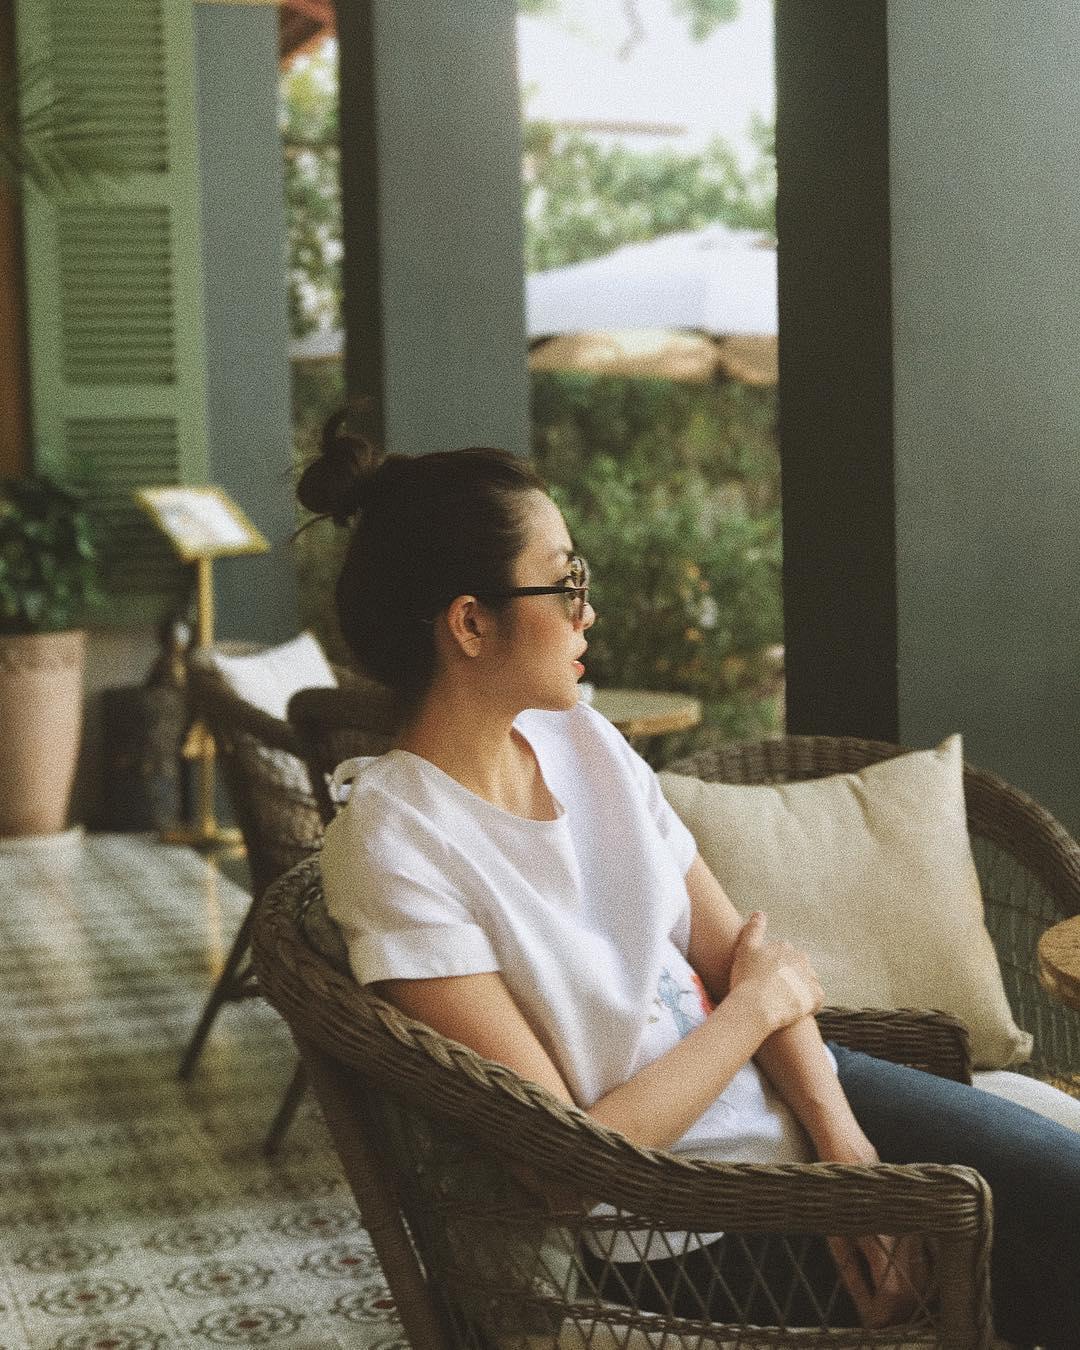 Trong showbiz đầy rẫy thị phi Tăng Thanh Hà đã làm gì để trở thành 'Ngọc nữ màn ảnh Việt'